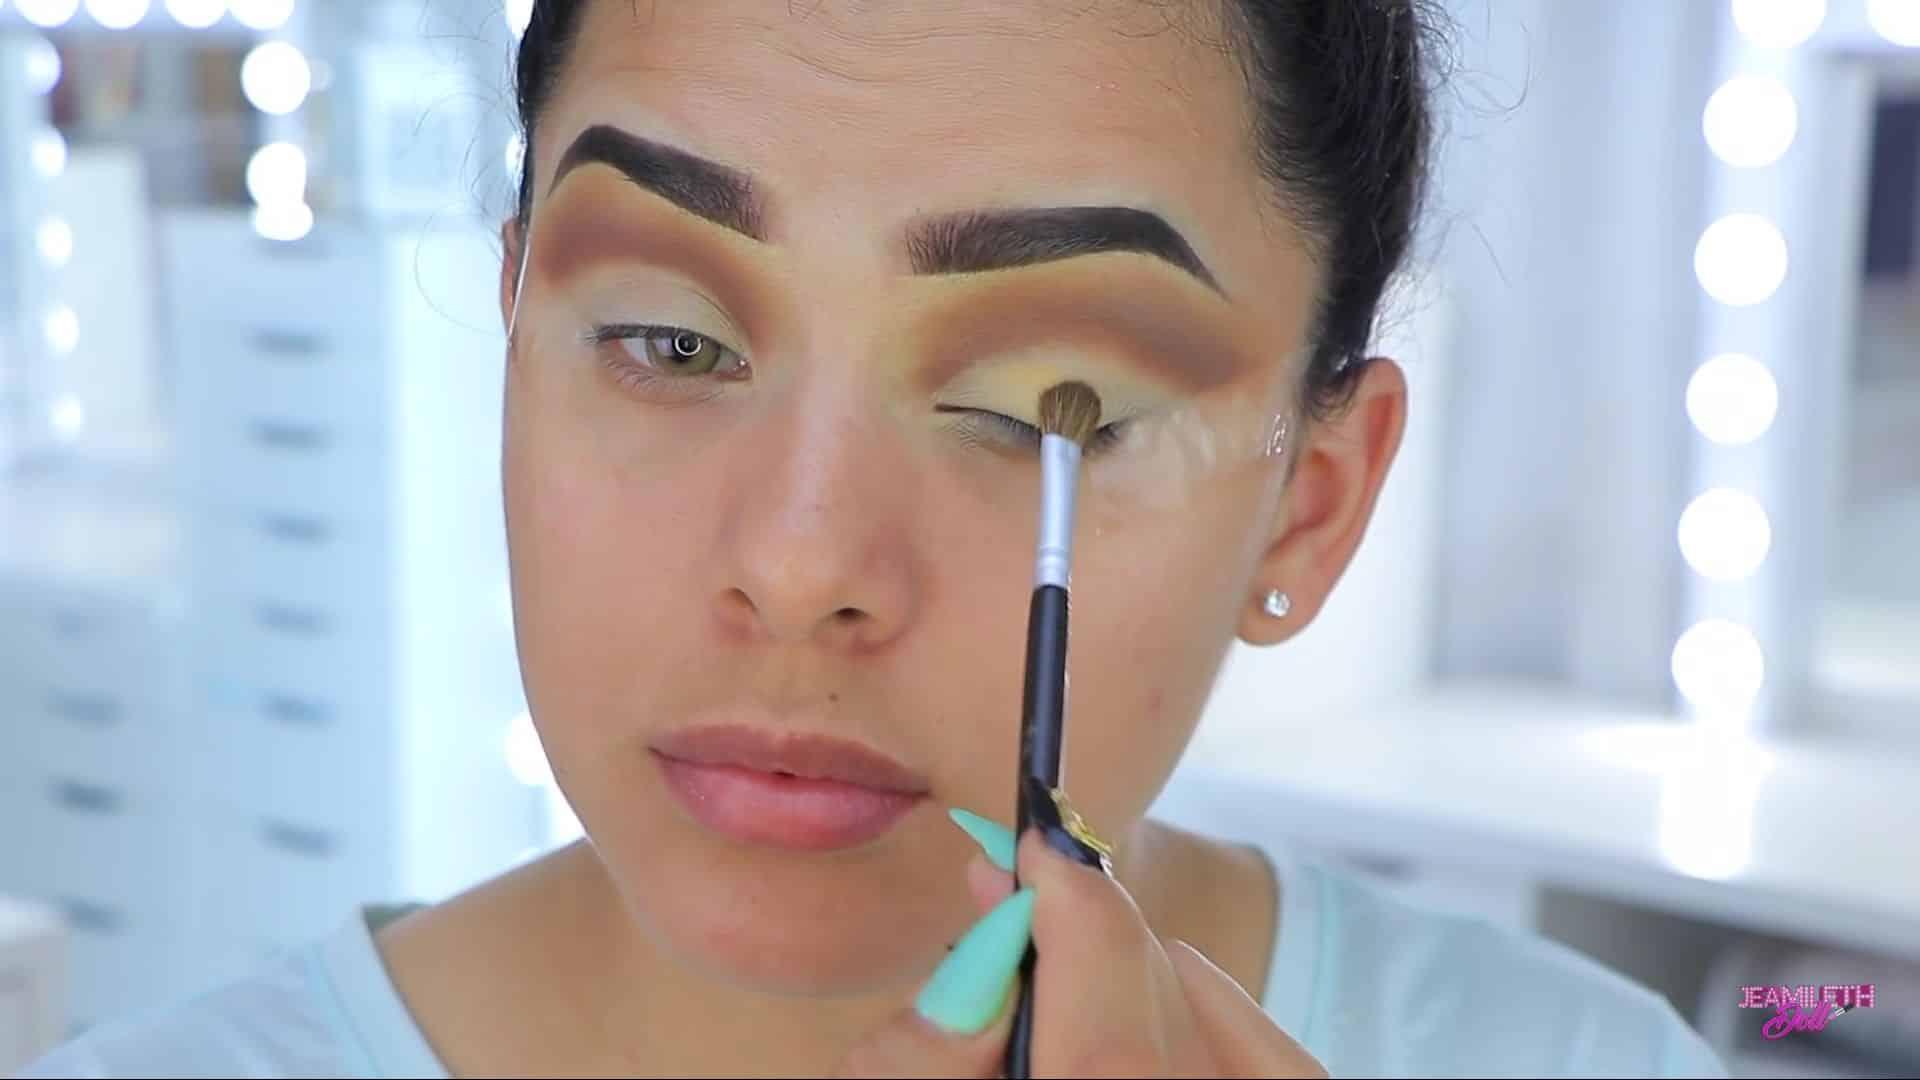 Maquillate como Jasmine facil y rapido Jeamileth Doll 2020, difuminado con sombra.